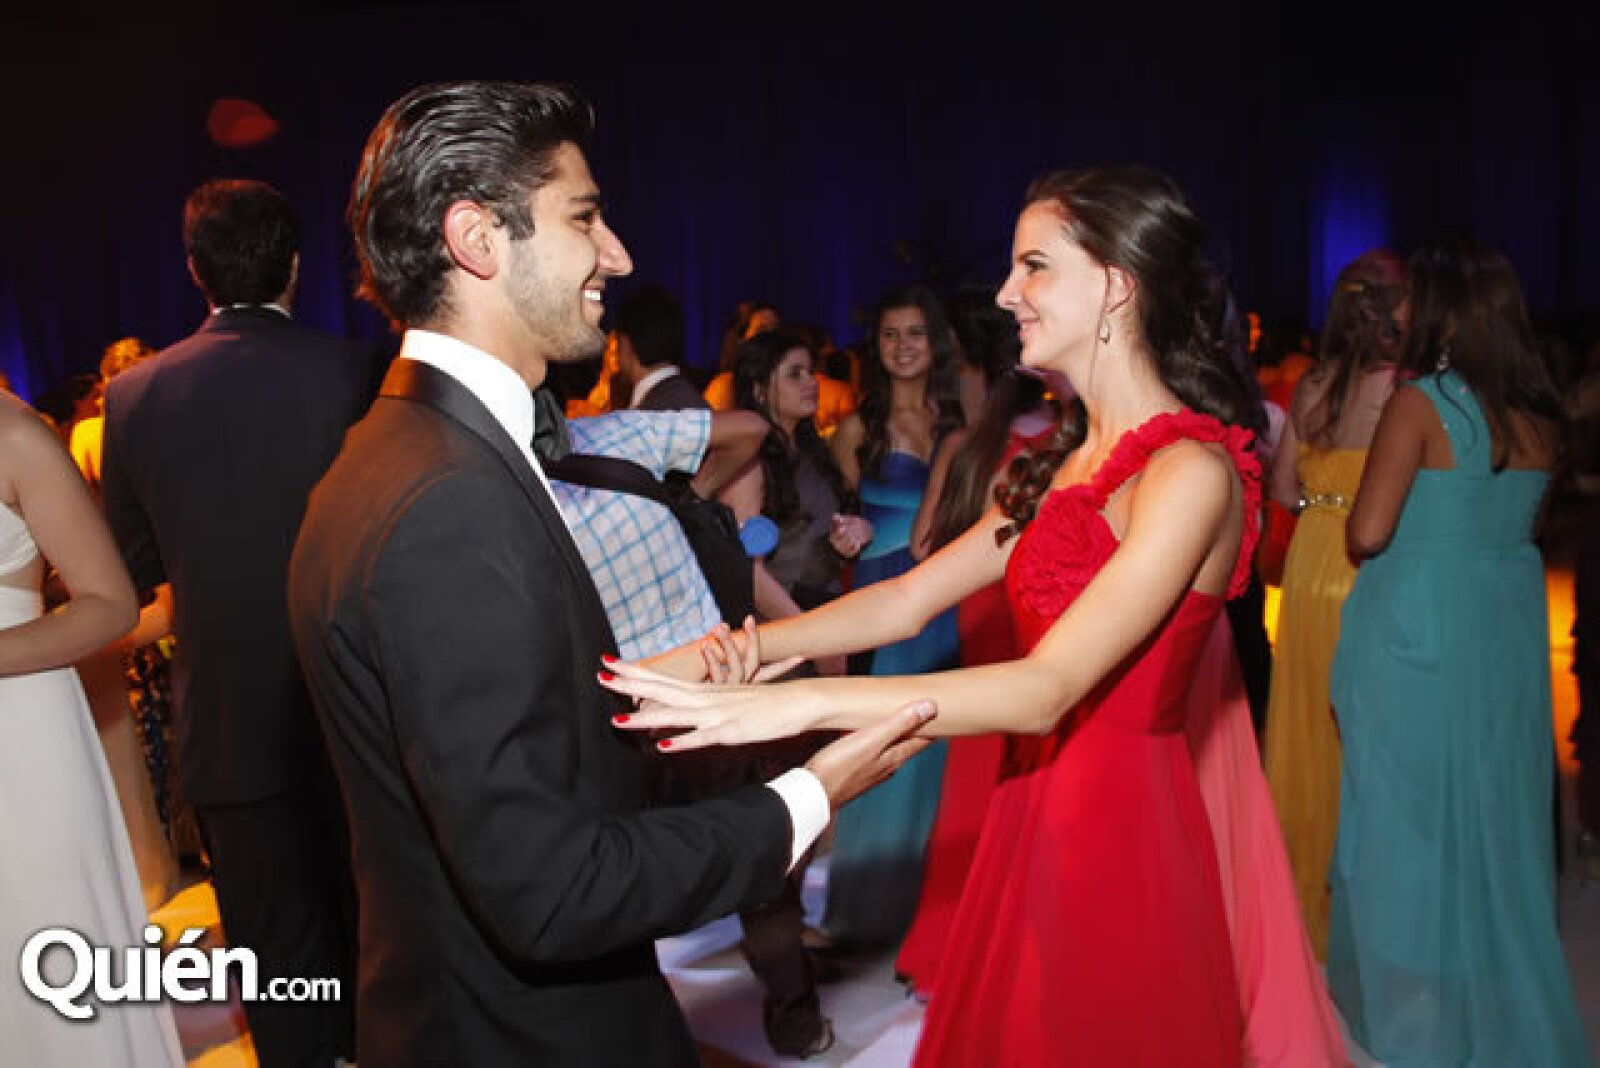 Alejandro Salomé y Mariana Ray